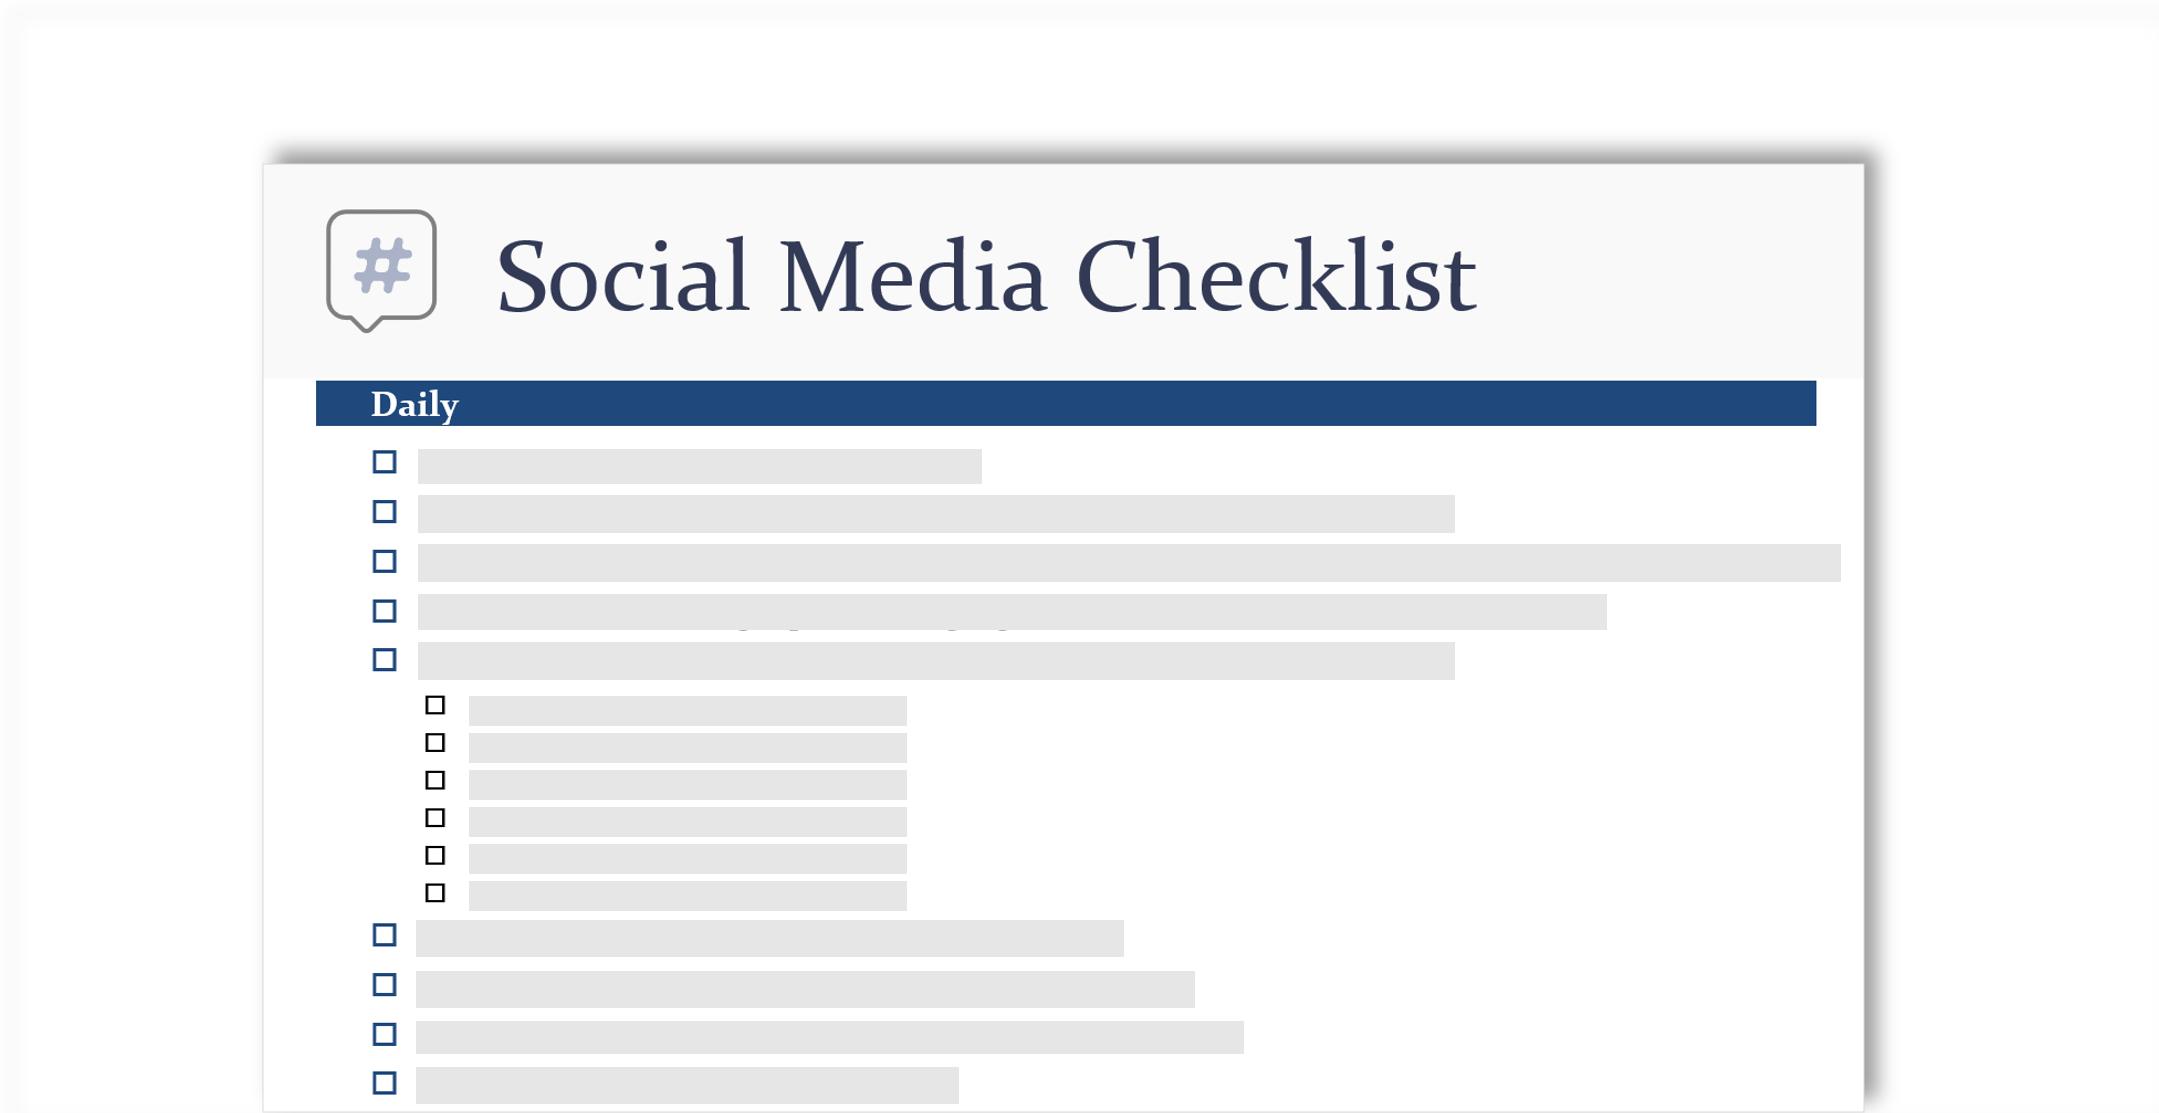 konceptualna slika društvenih medija liste za proveru